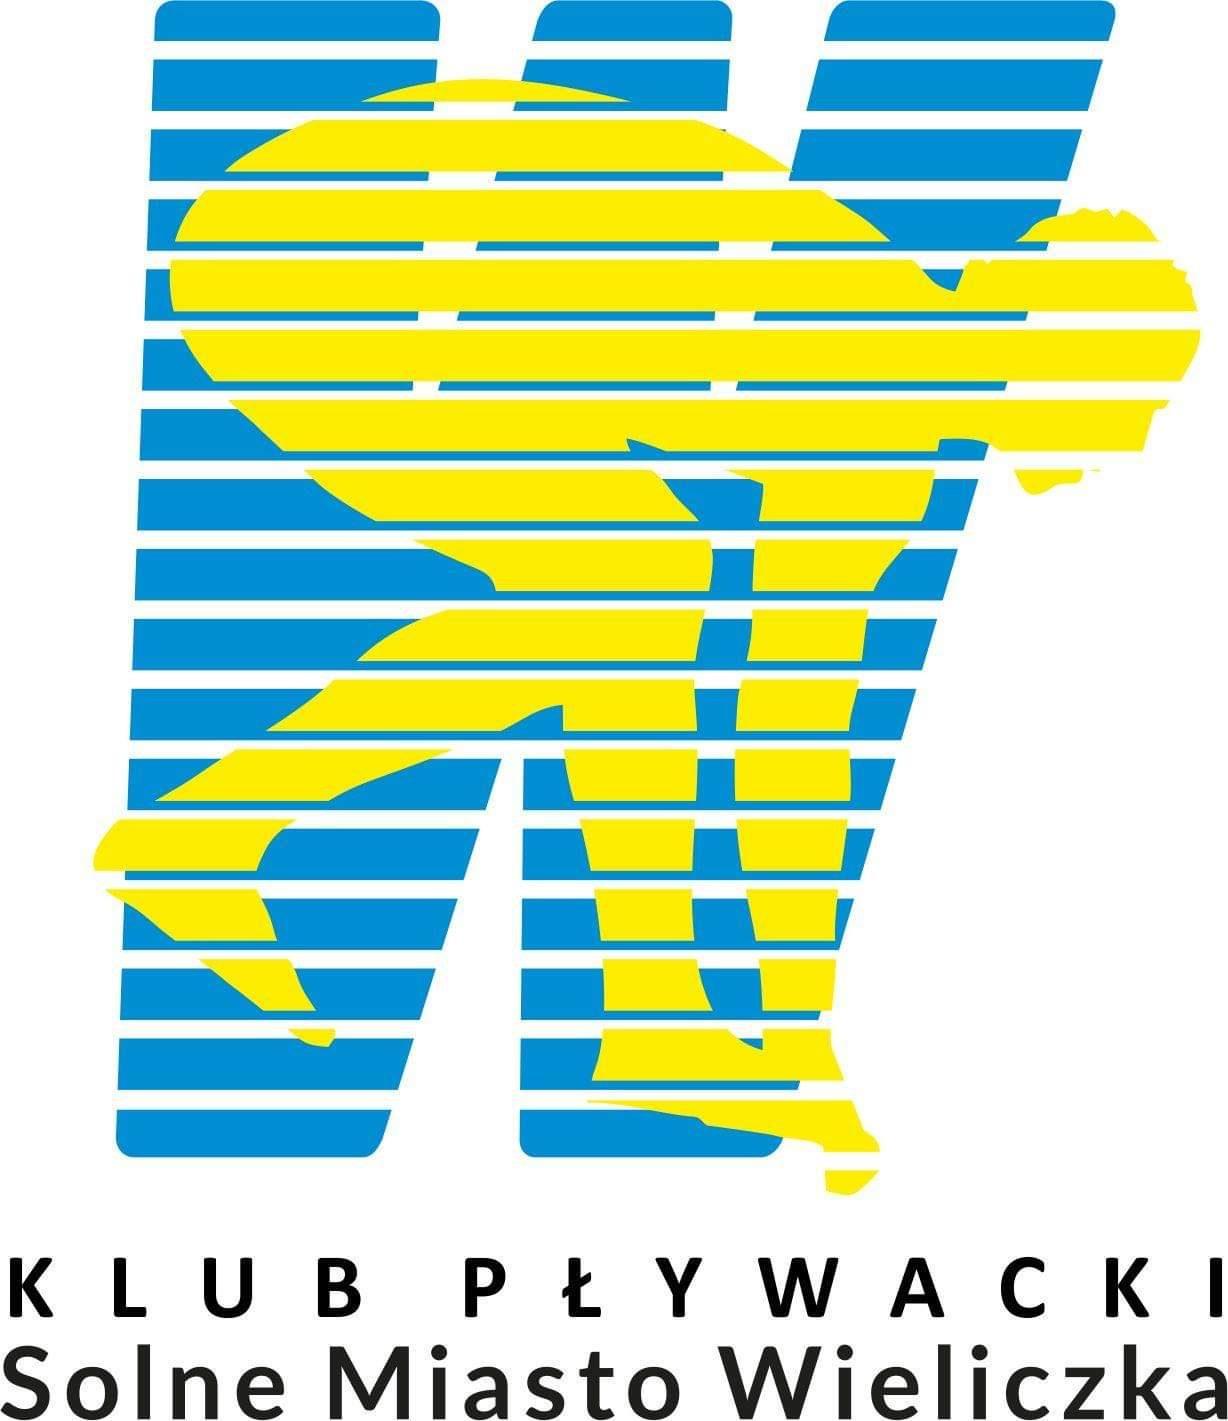 Klub Pływacki Solne Miasto Wieliczka